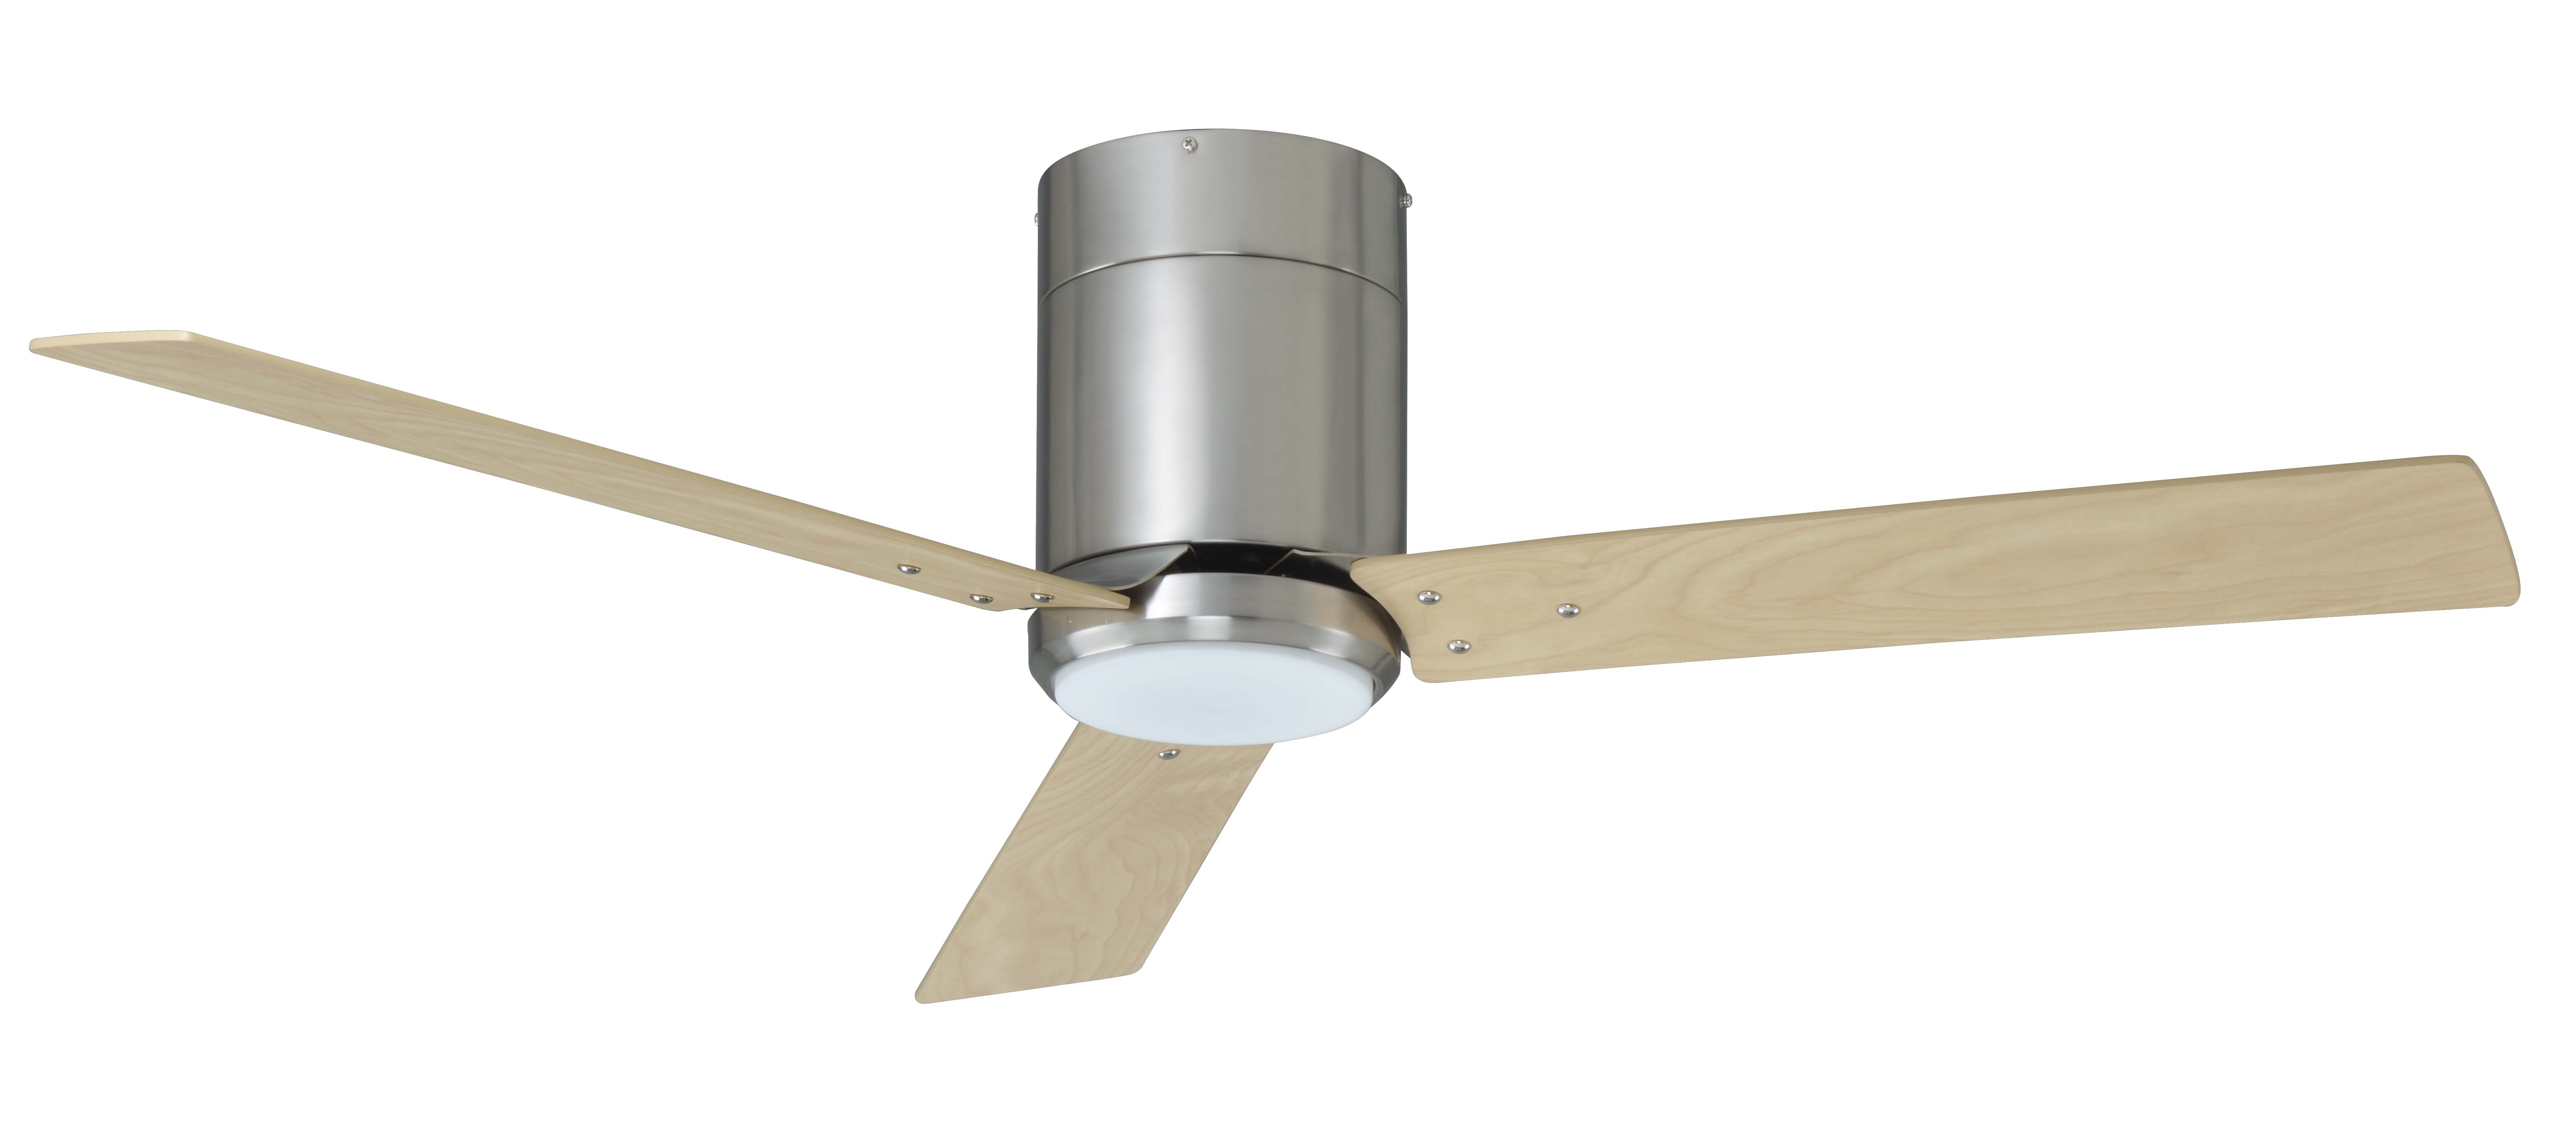 Ceiling Fan Retrofit Kit Ceiling Fans Ideas